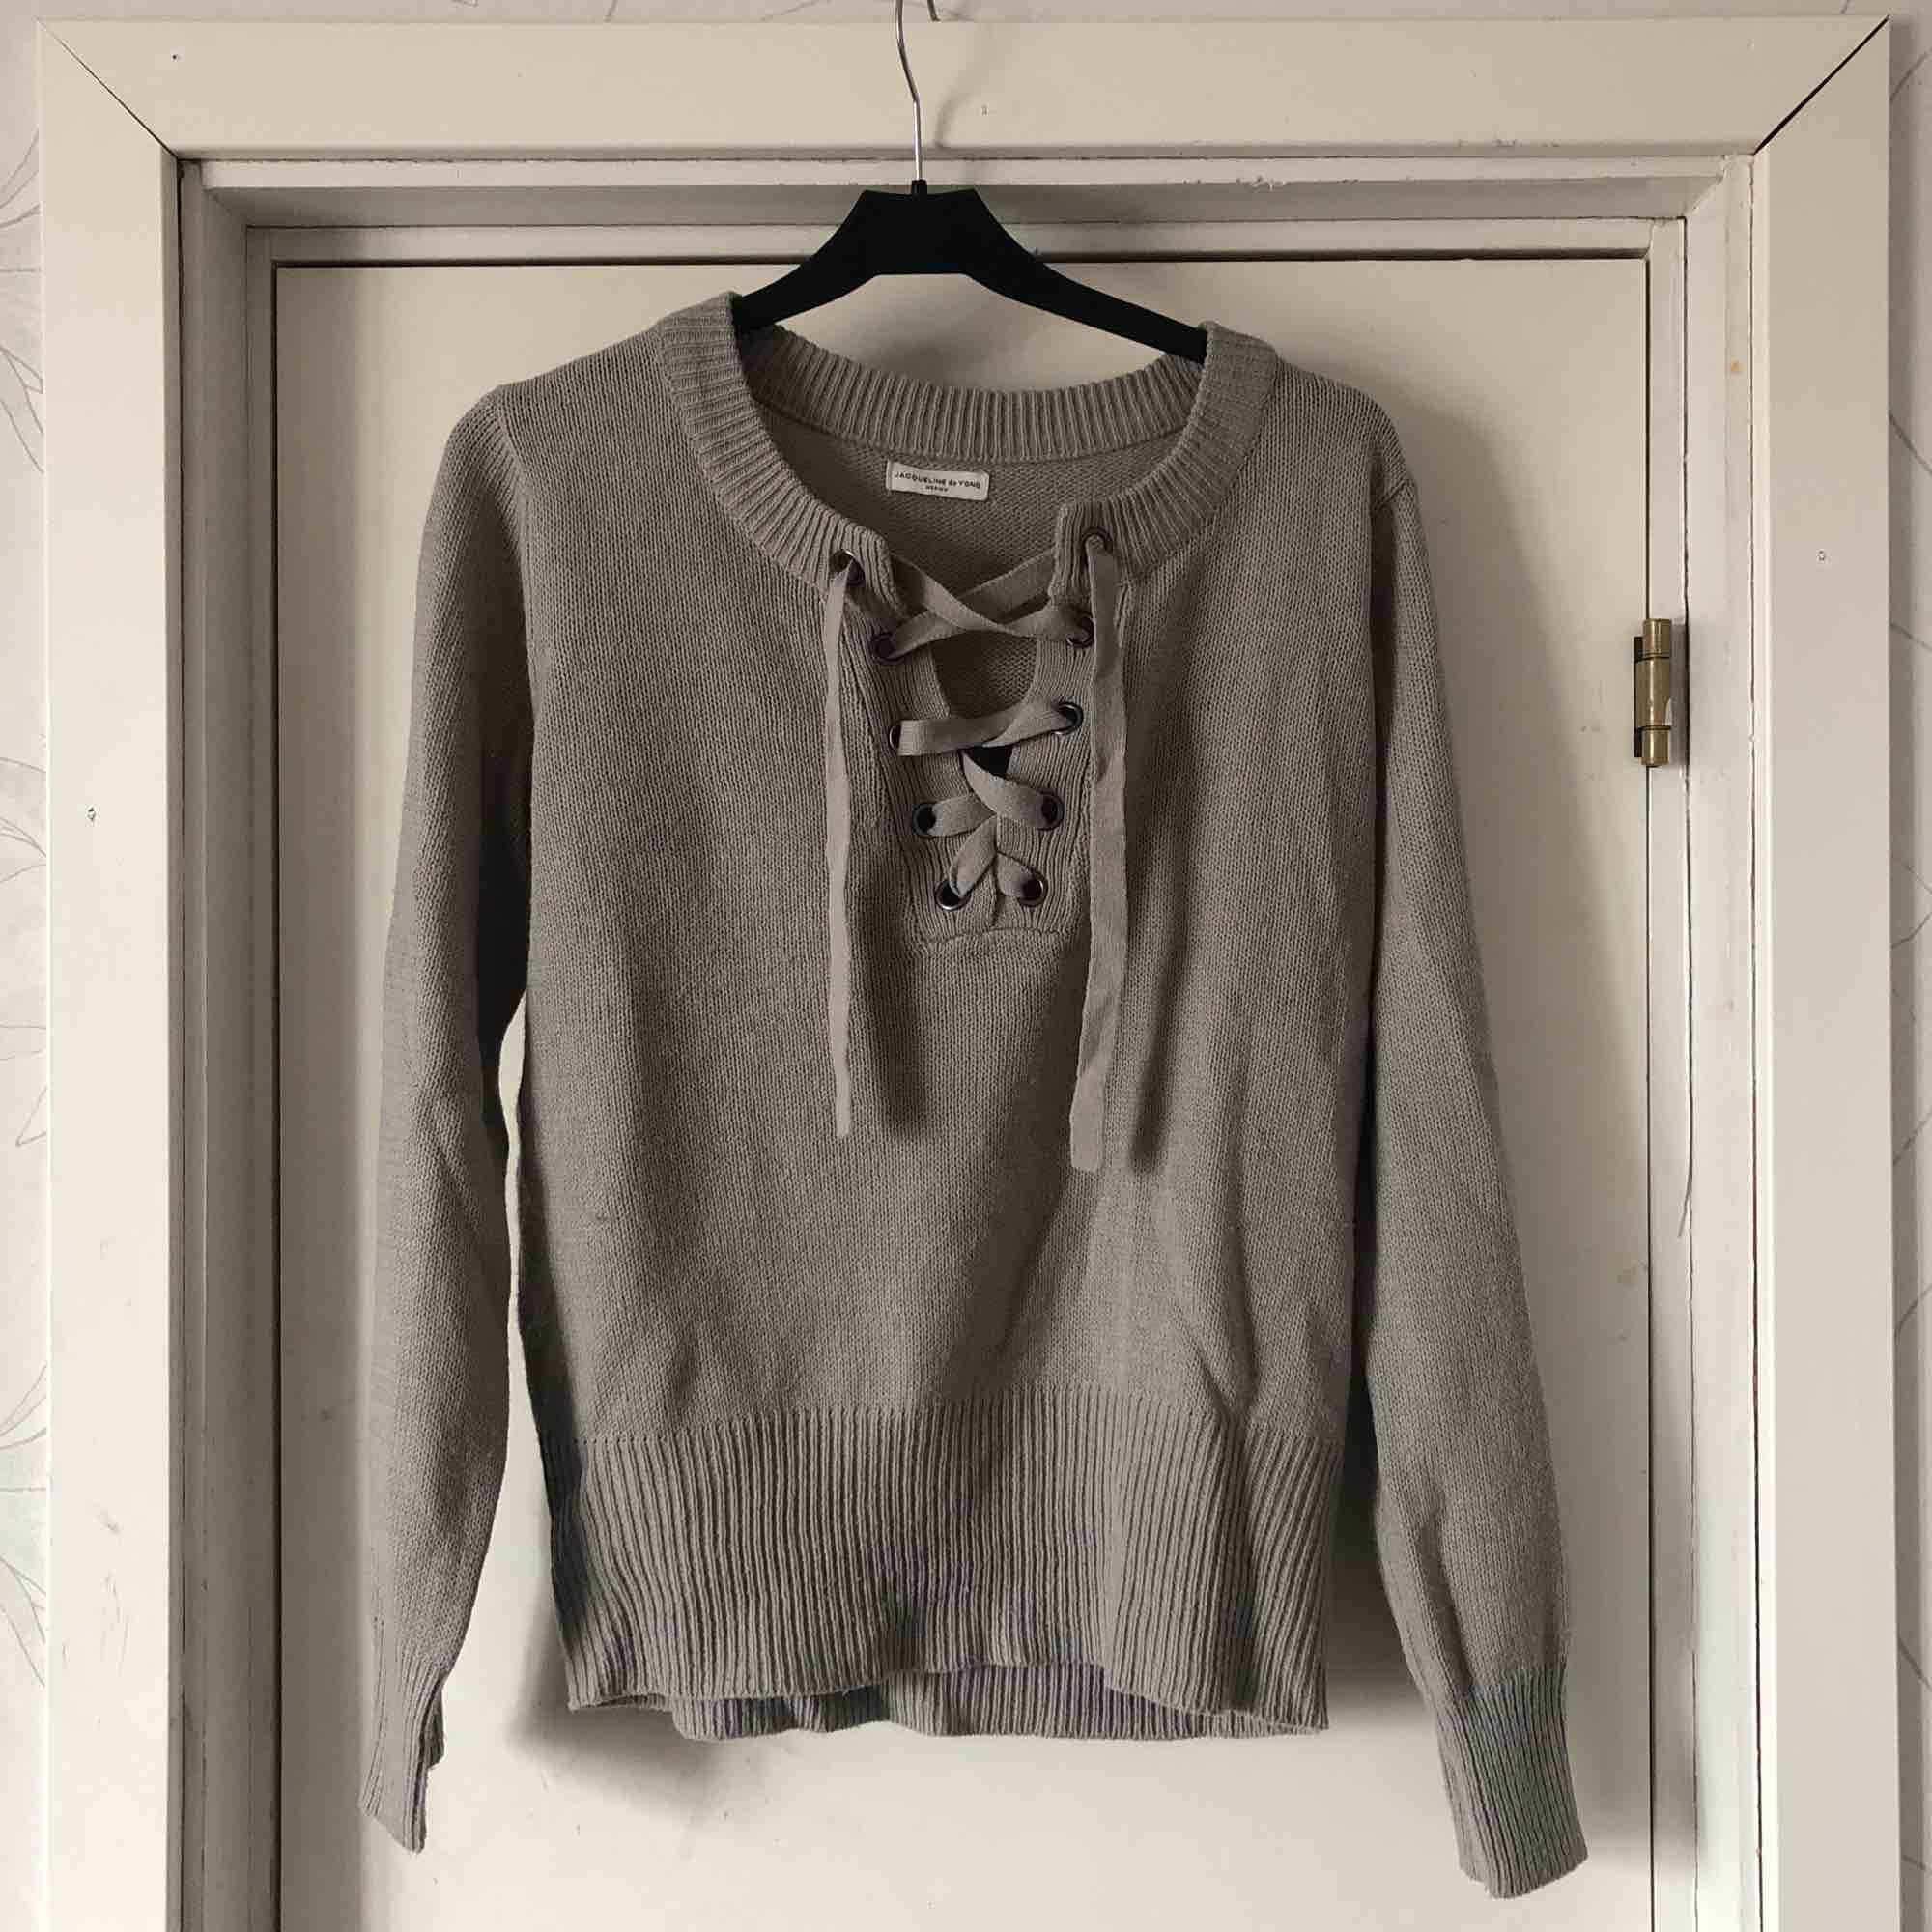 En grå stickad tröja. Väldigt skönt material och använd 2 gånger. Snyggt att styla tröjan lite olika med snörningen. Frakt tillkommer eller mötas upp i Karlstad . Tröjor & Koftor.